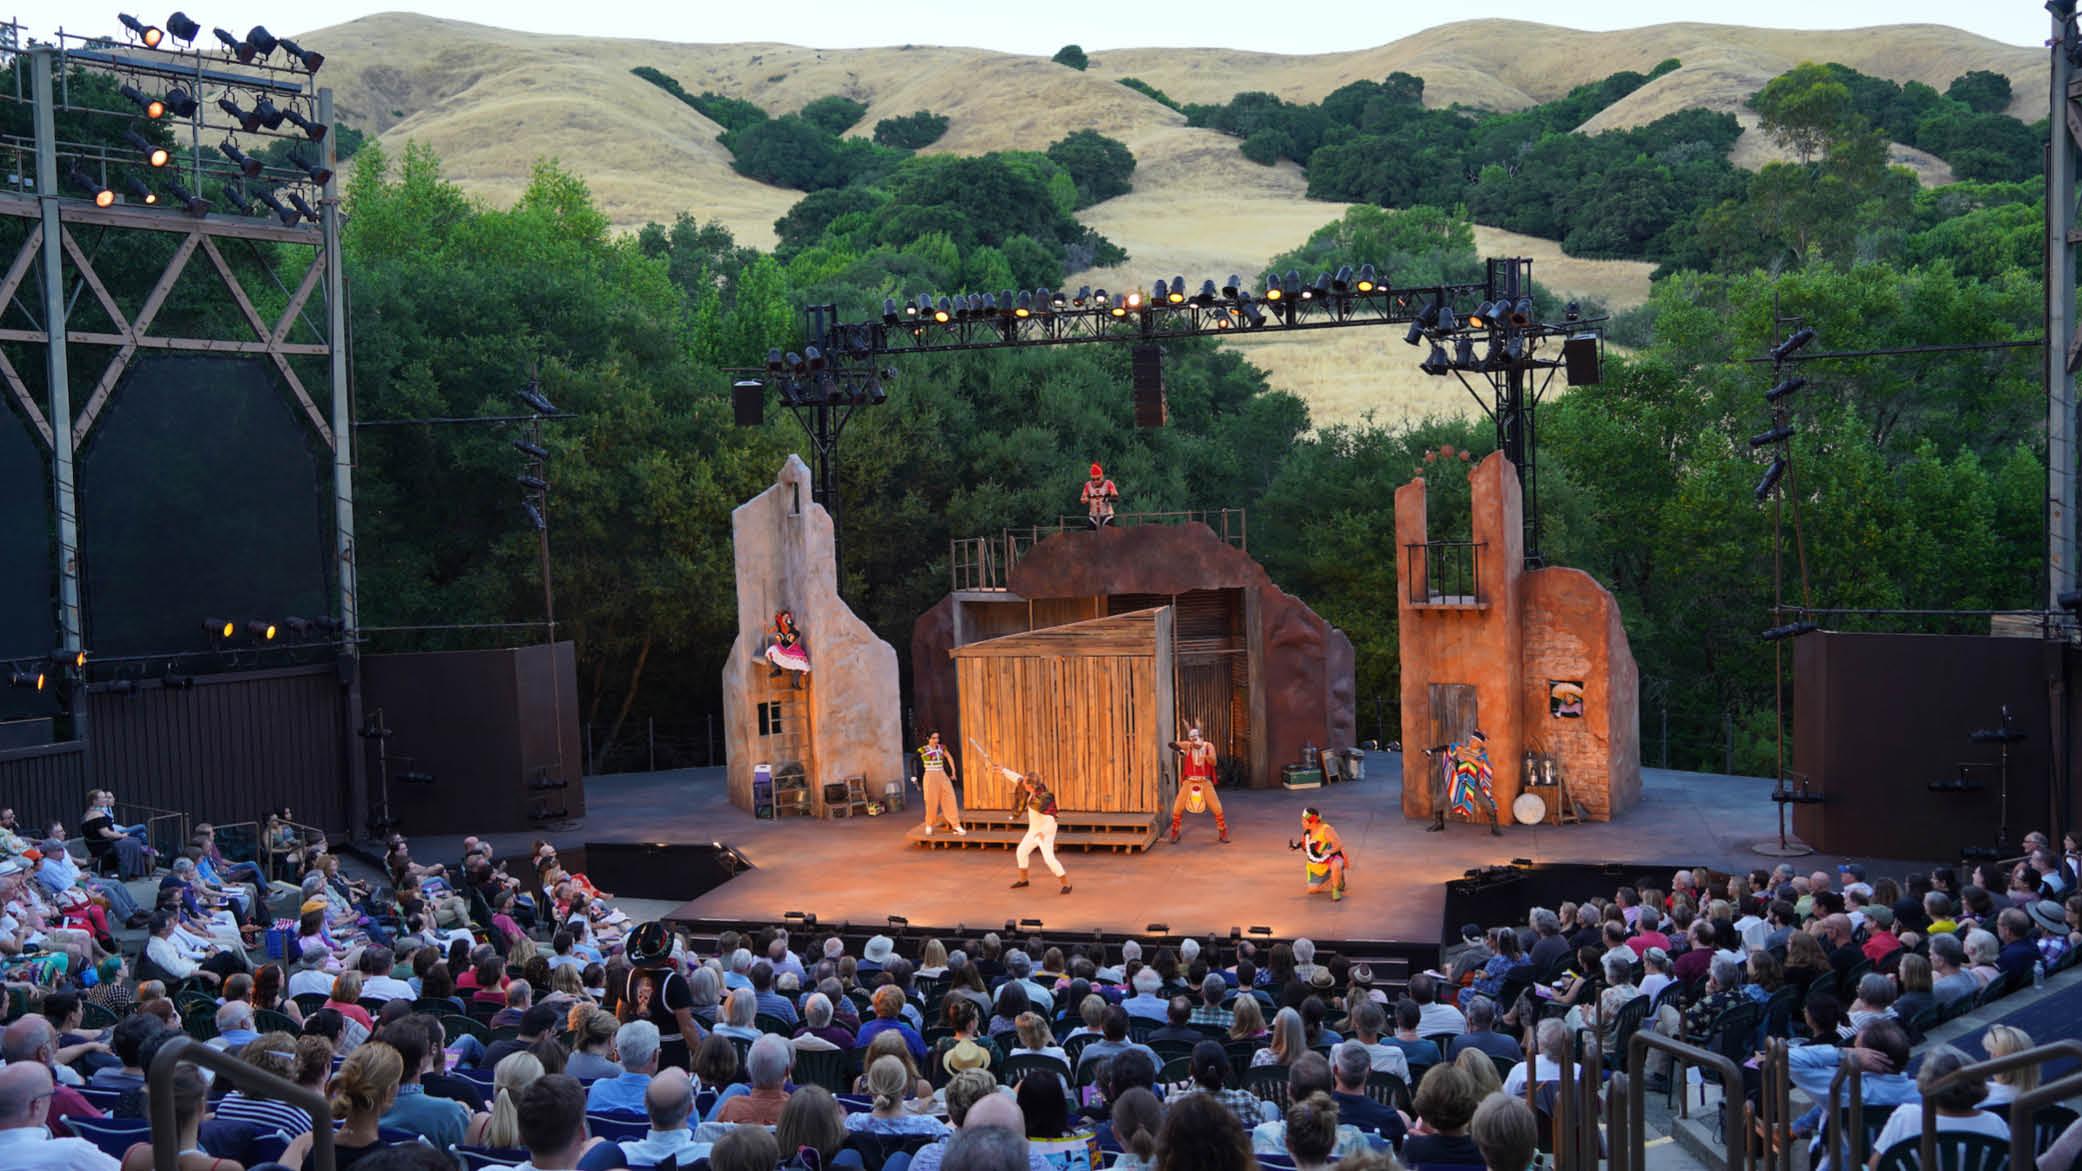 Cal Shakes' 2018 production of Octavio Solis' Quixote Nuevo